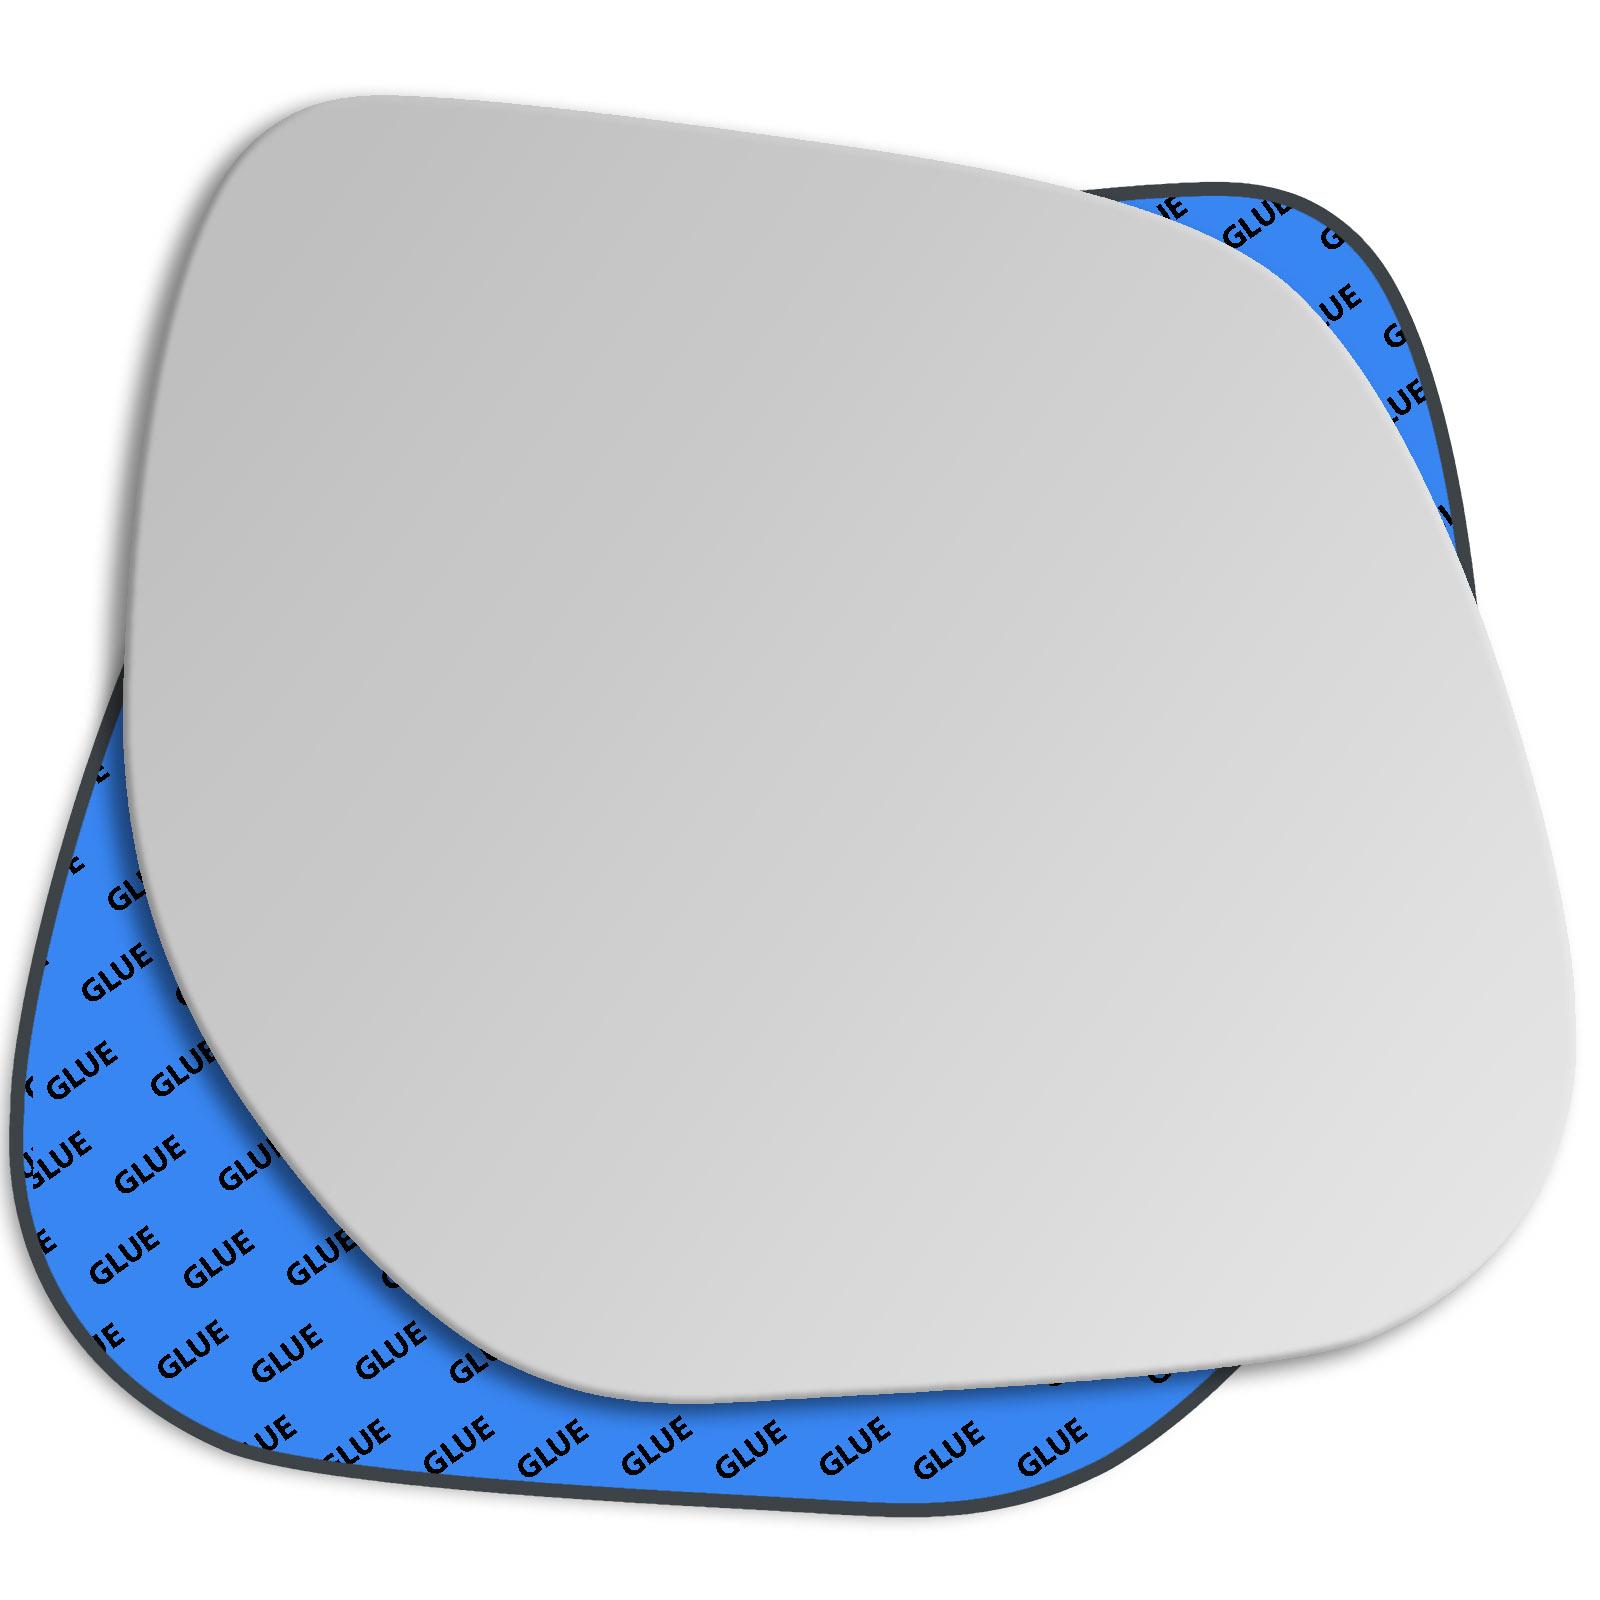 Controlador de mano derecha de Lado Ala Espejo De Cristal Proton Savvy 2005-2011 505RS